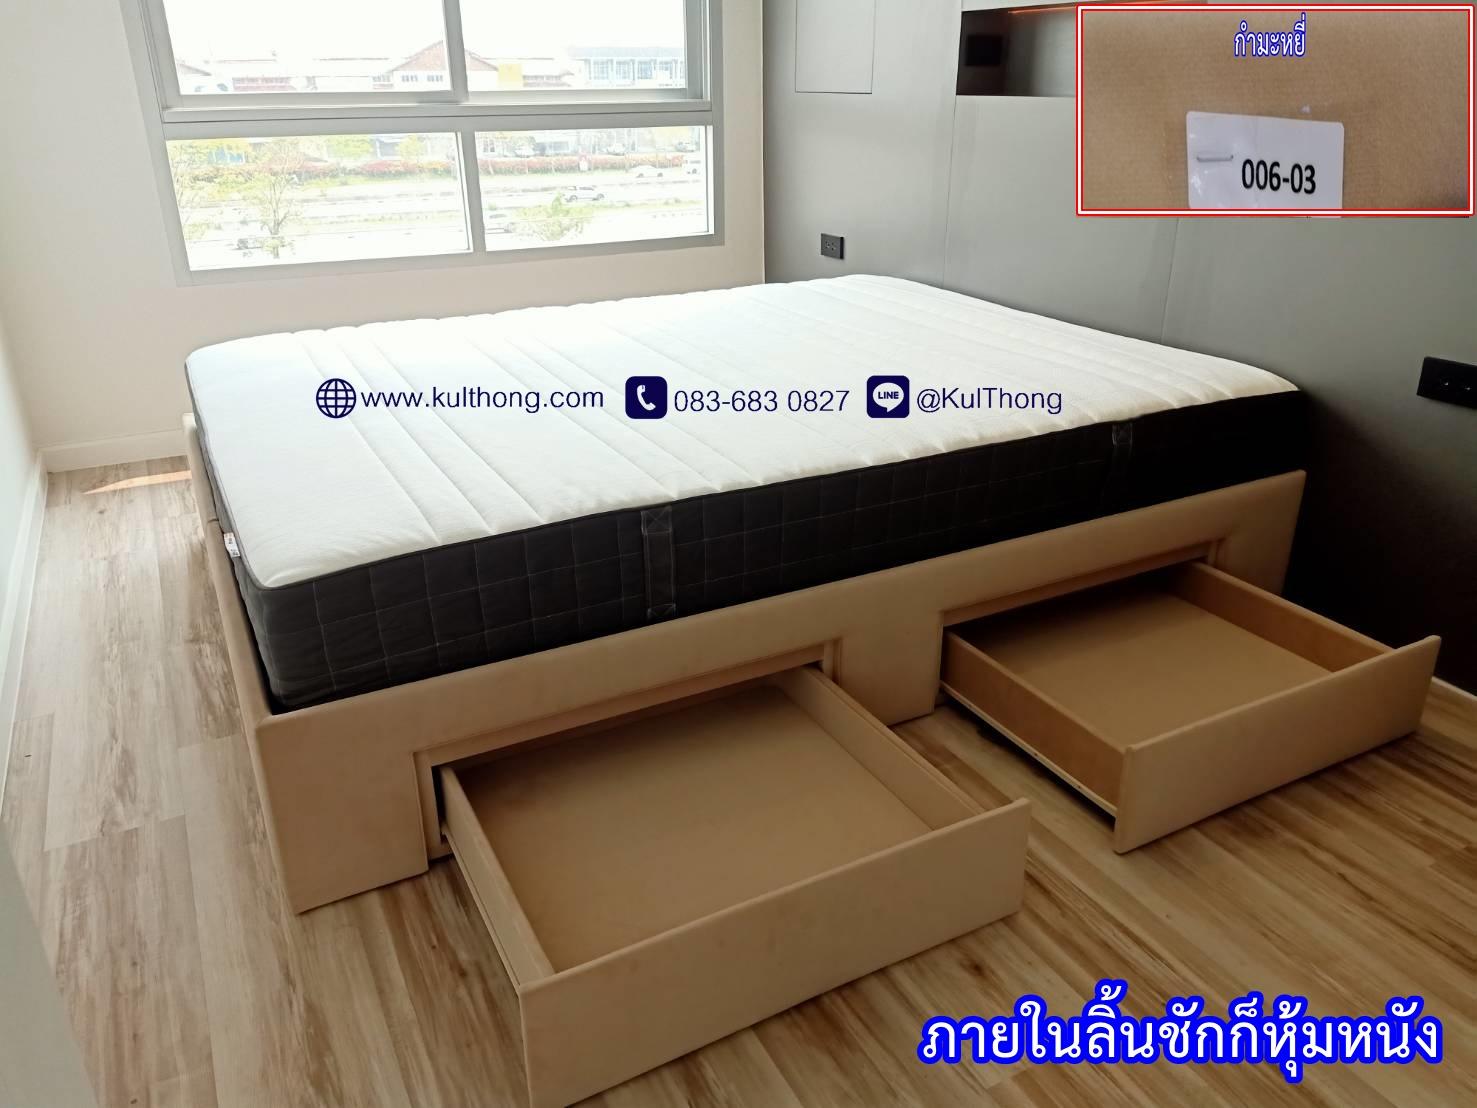 เตียงลิ้นชักหุ้มหนัง ฐานรองที่นอน เตียงสั่งทำ